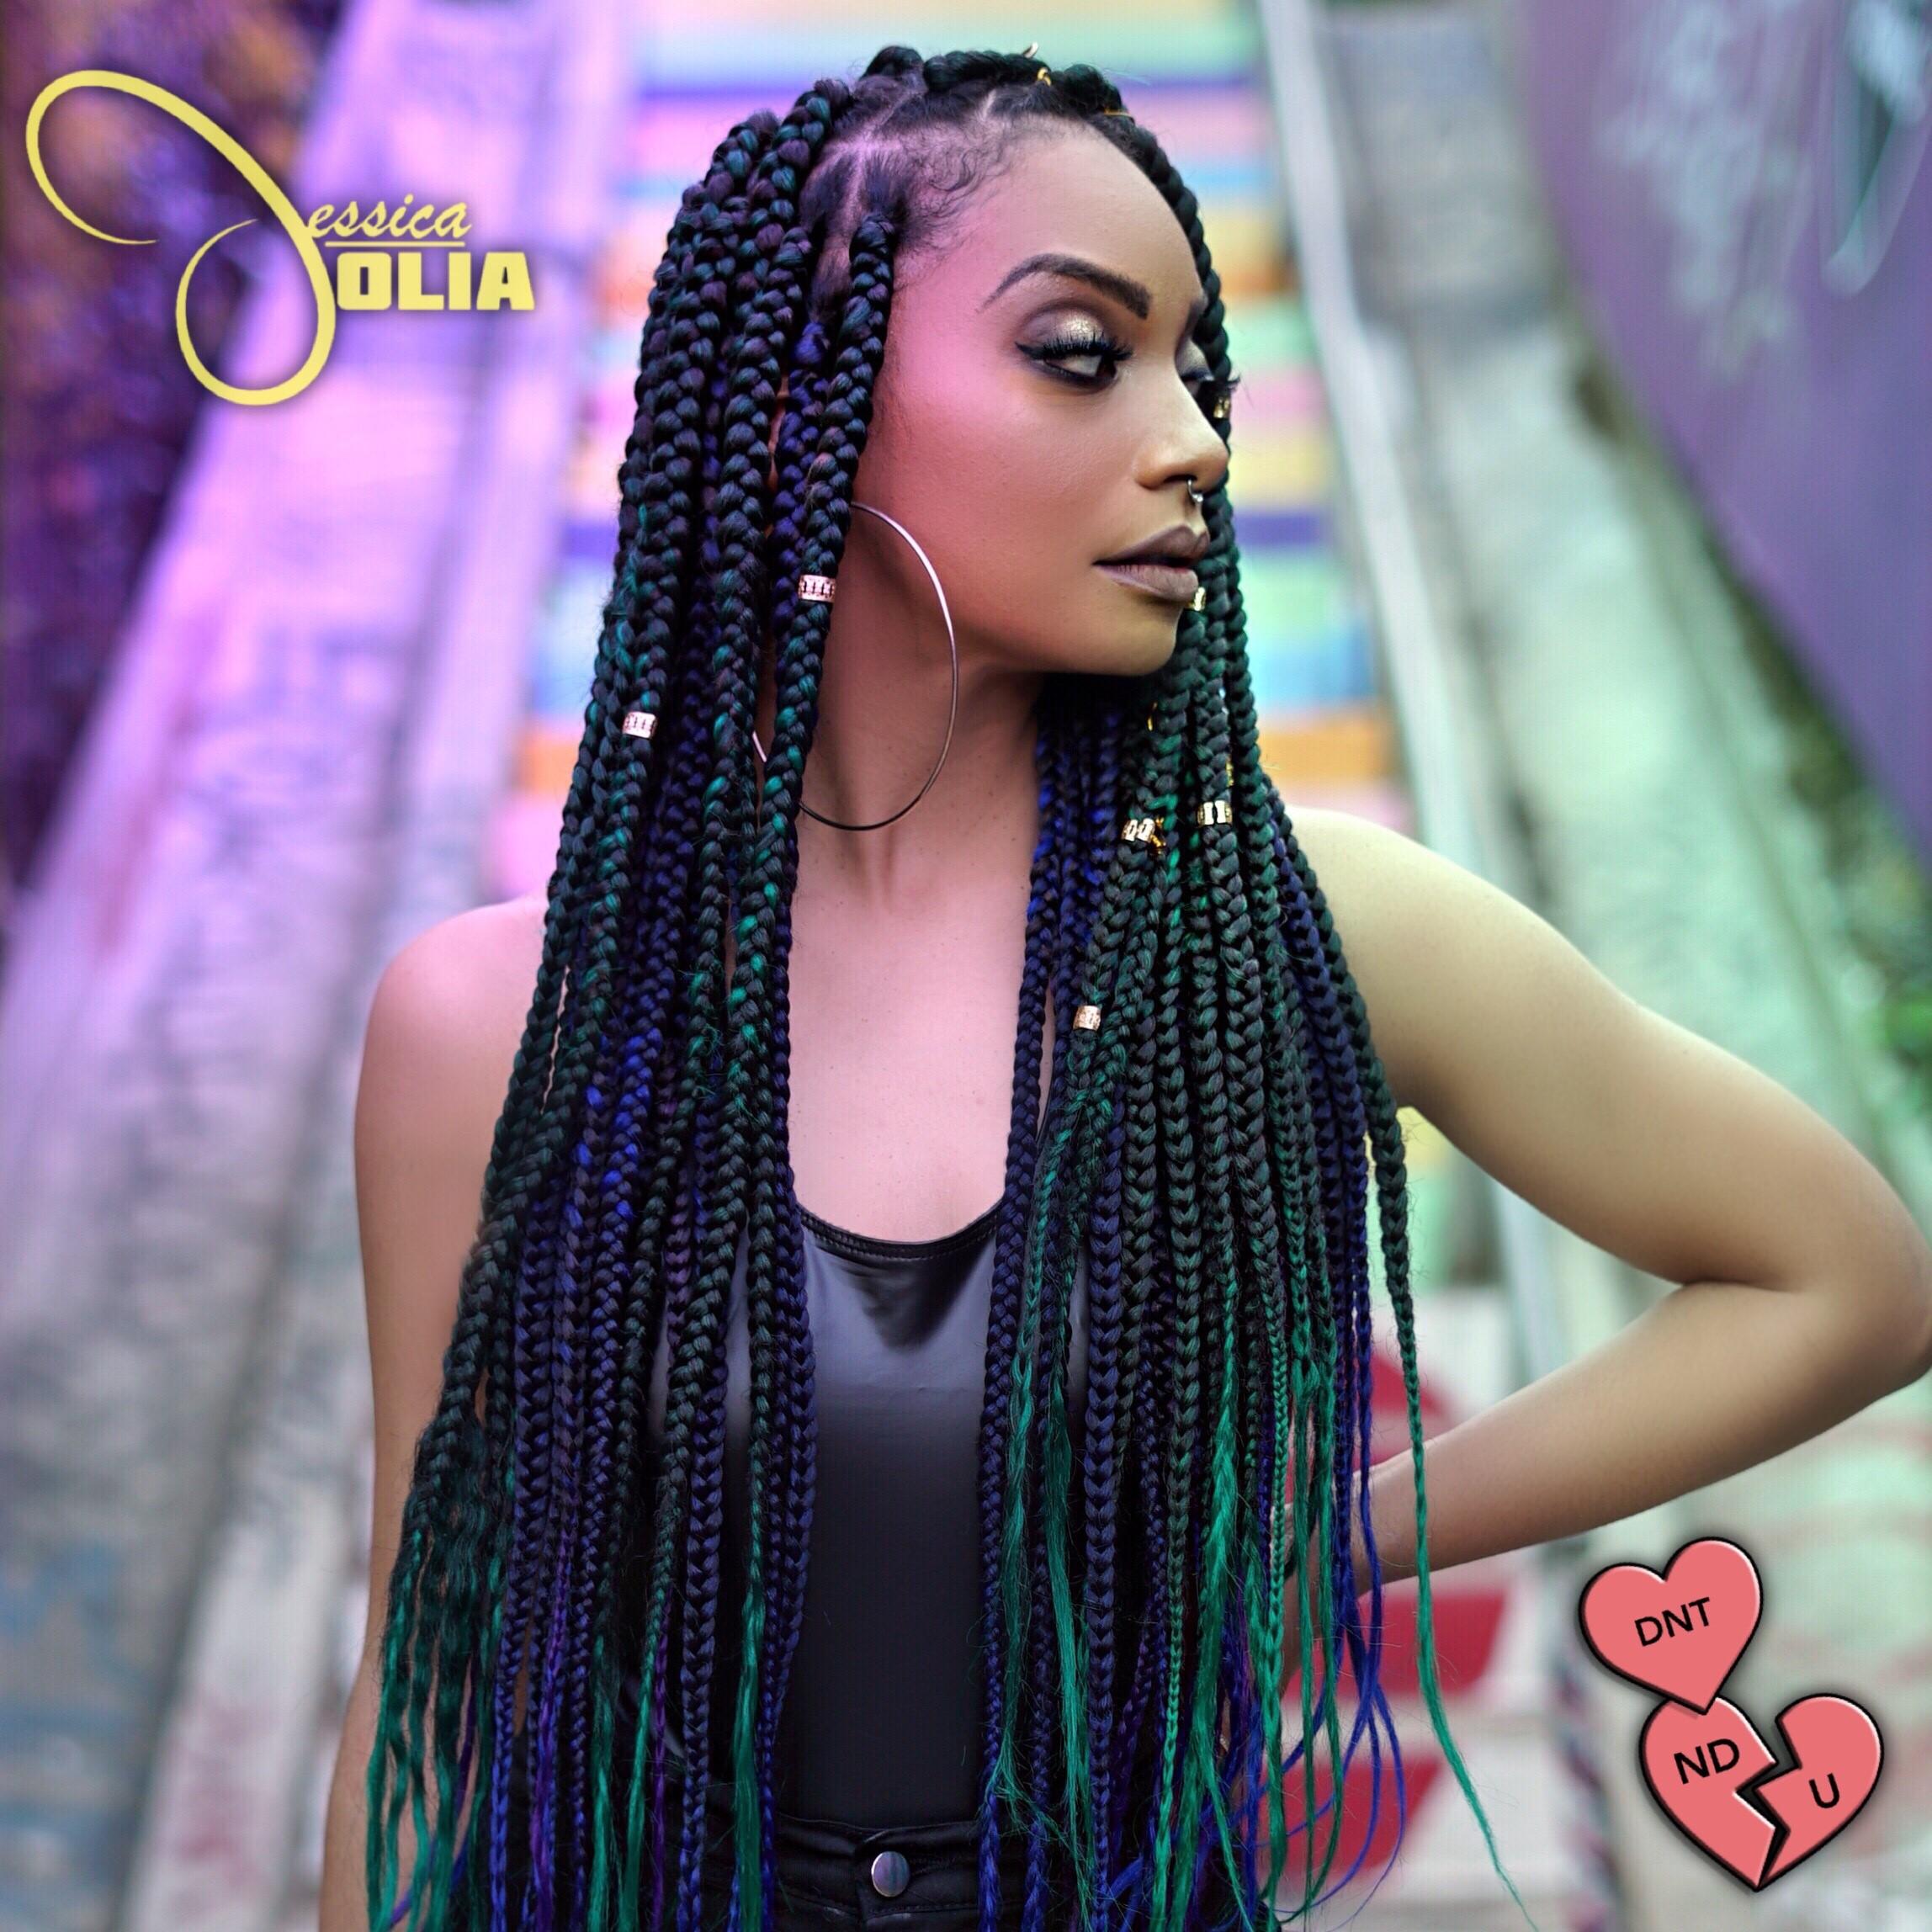 Jessica Jolia